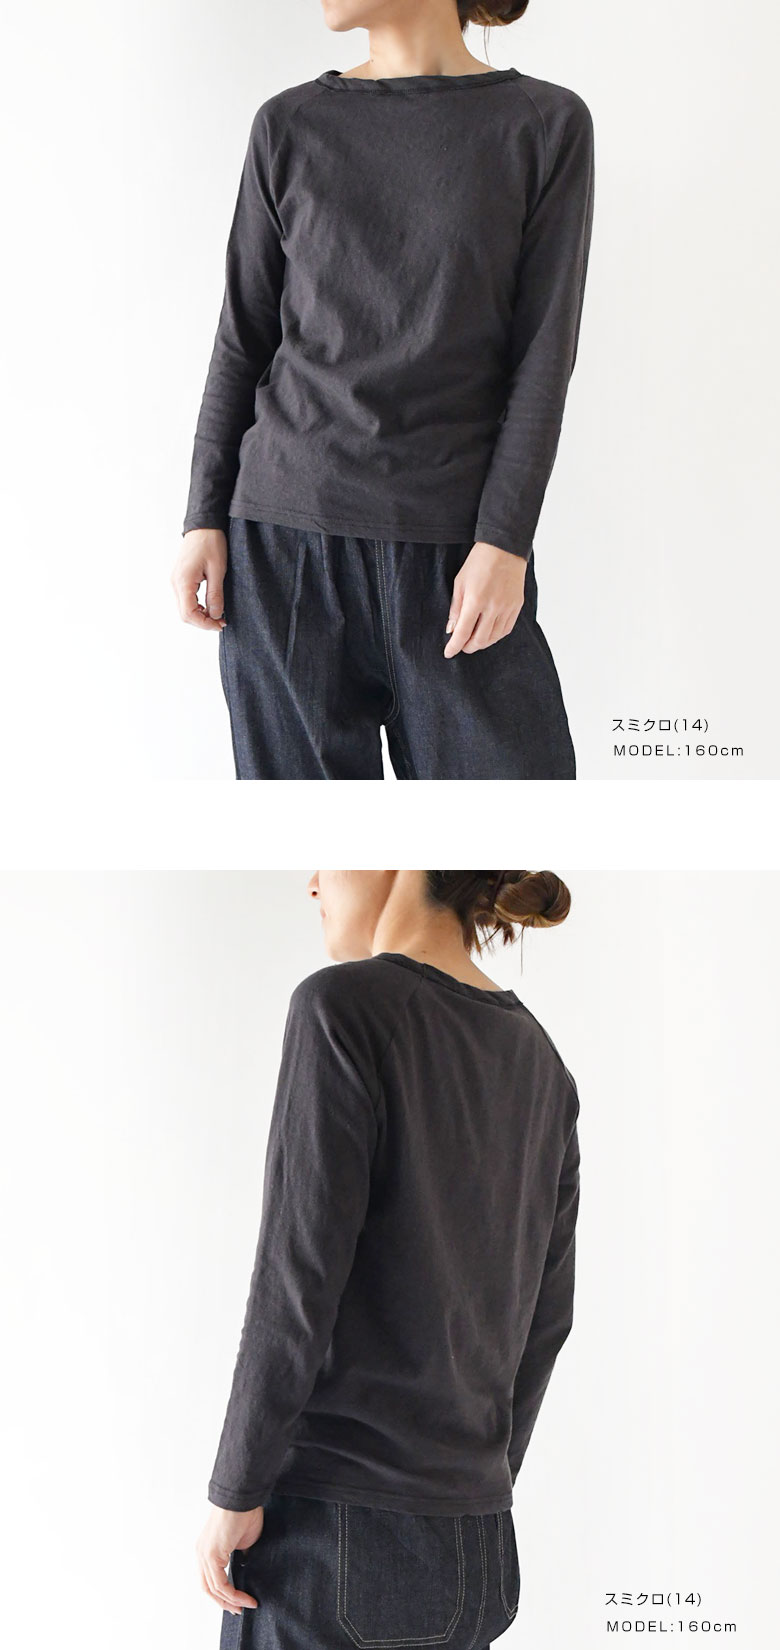 【NARU ナル】ムラ糸 ラグラン 長袖 カットソー (623005)